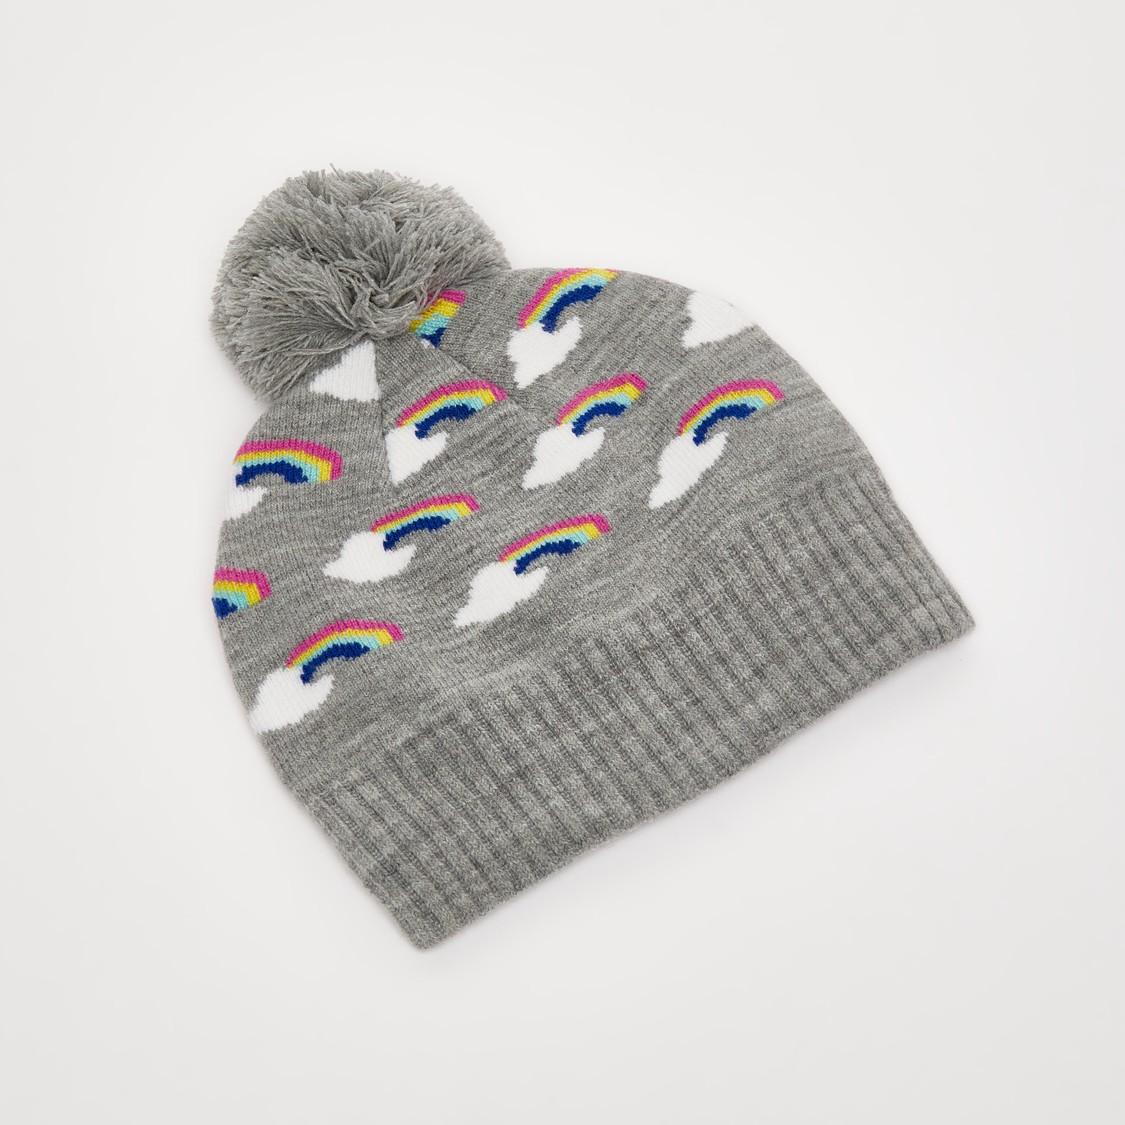 قبعة بيني بطبعات قوس قزح و زخارف بوم بوم